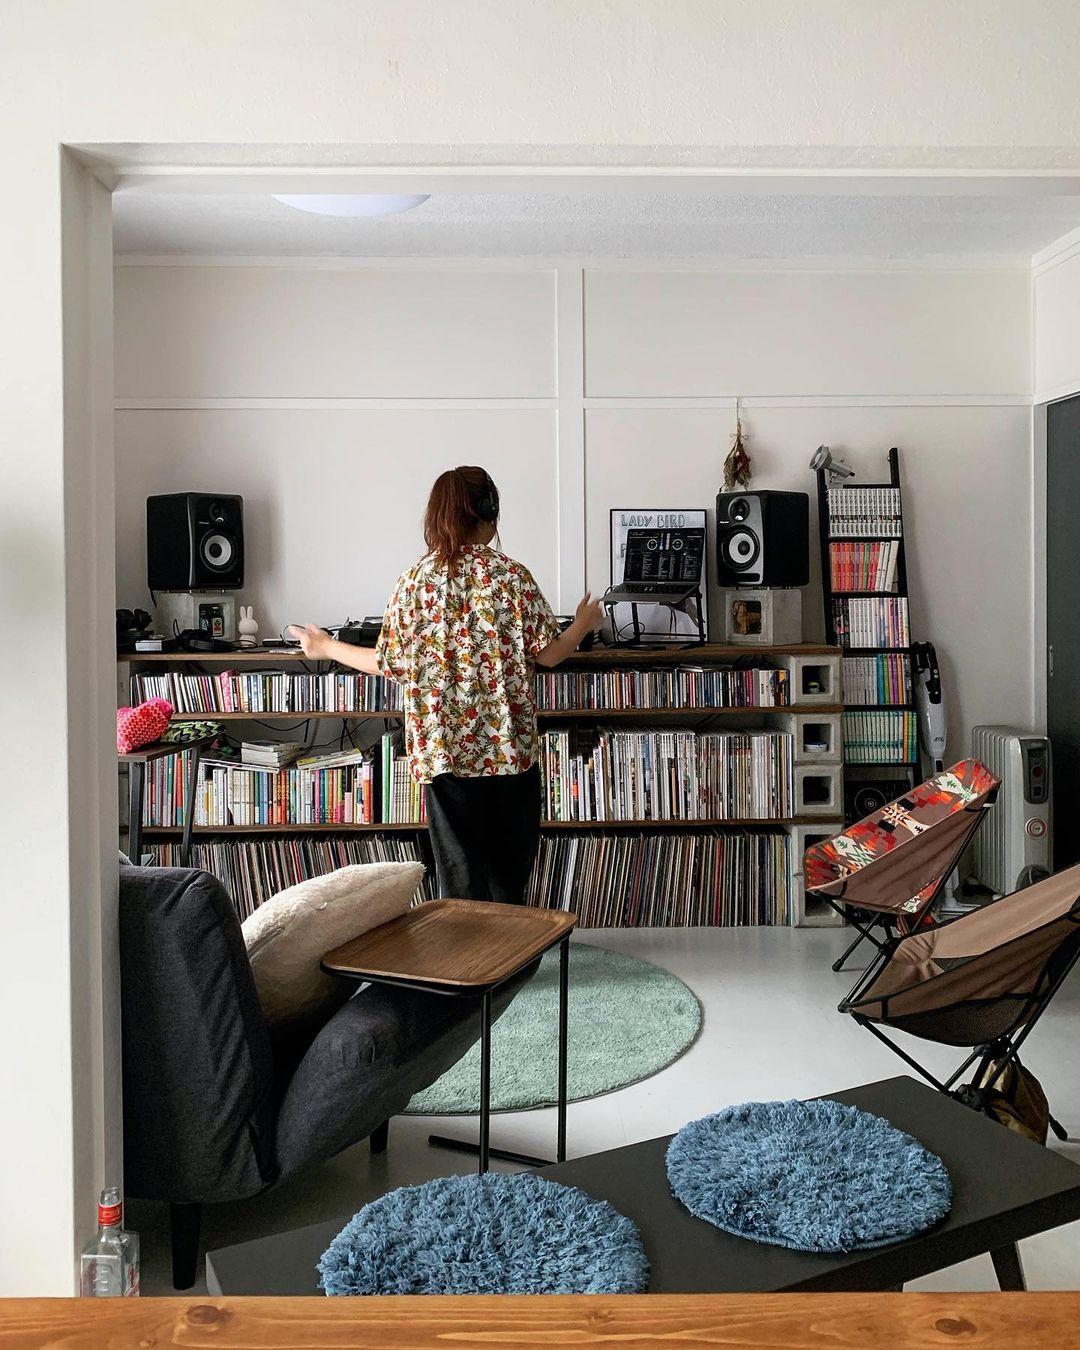 DJが趣味だというご夫婦の「好きなもの」をつめこんだお部屋に、ローチェア。室内なのに、まるでキャンプにきたかのような、ワクワク感も演出できそうです。